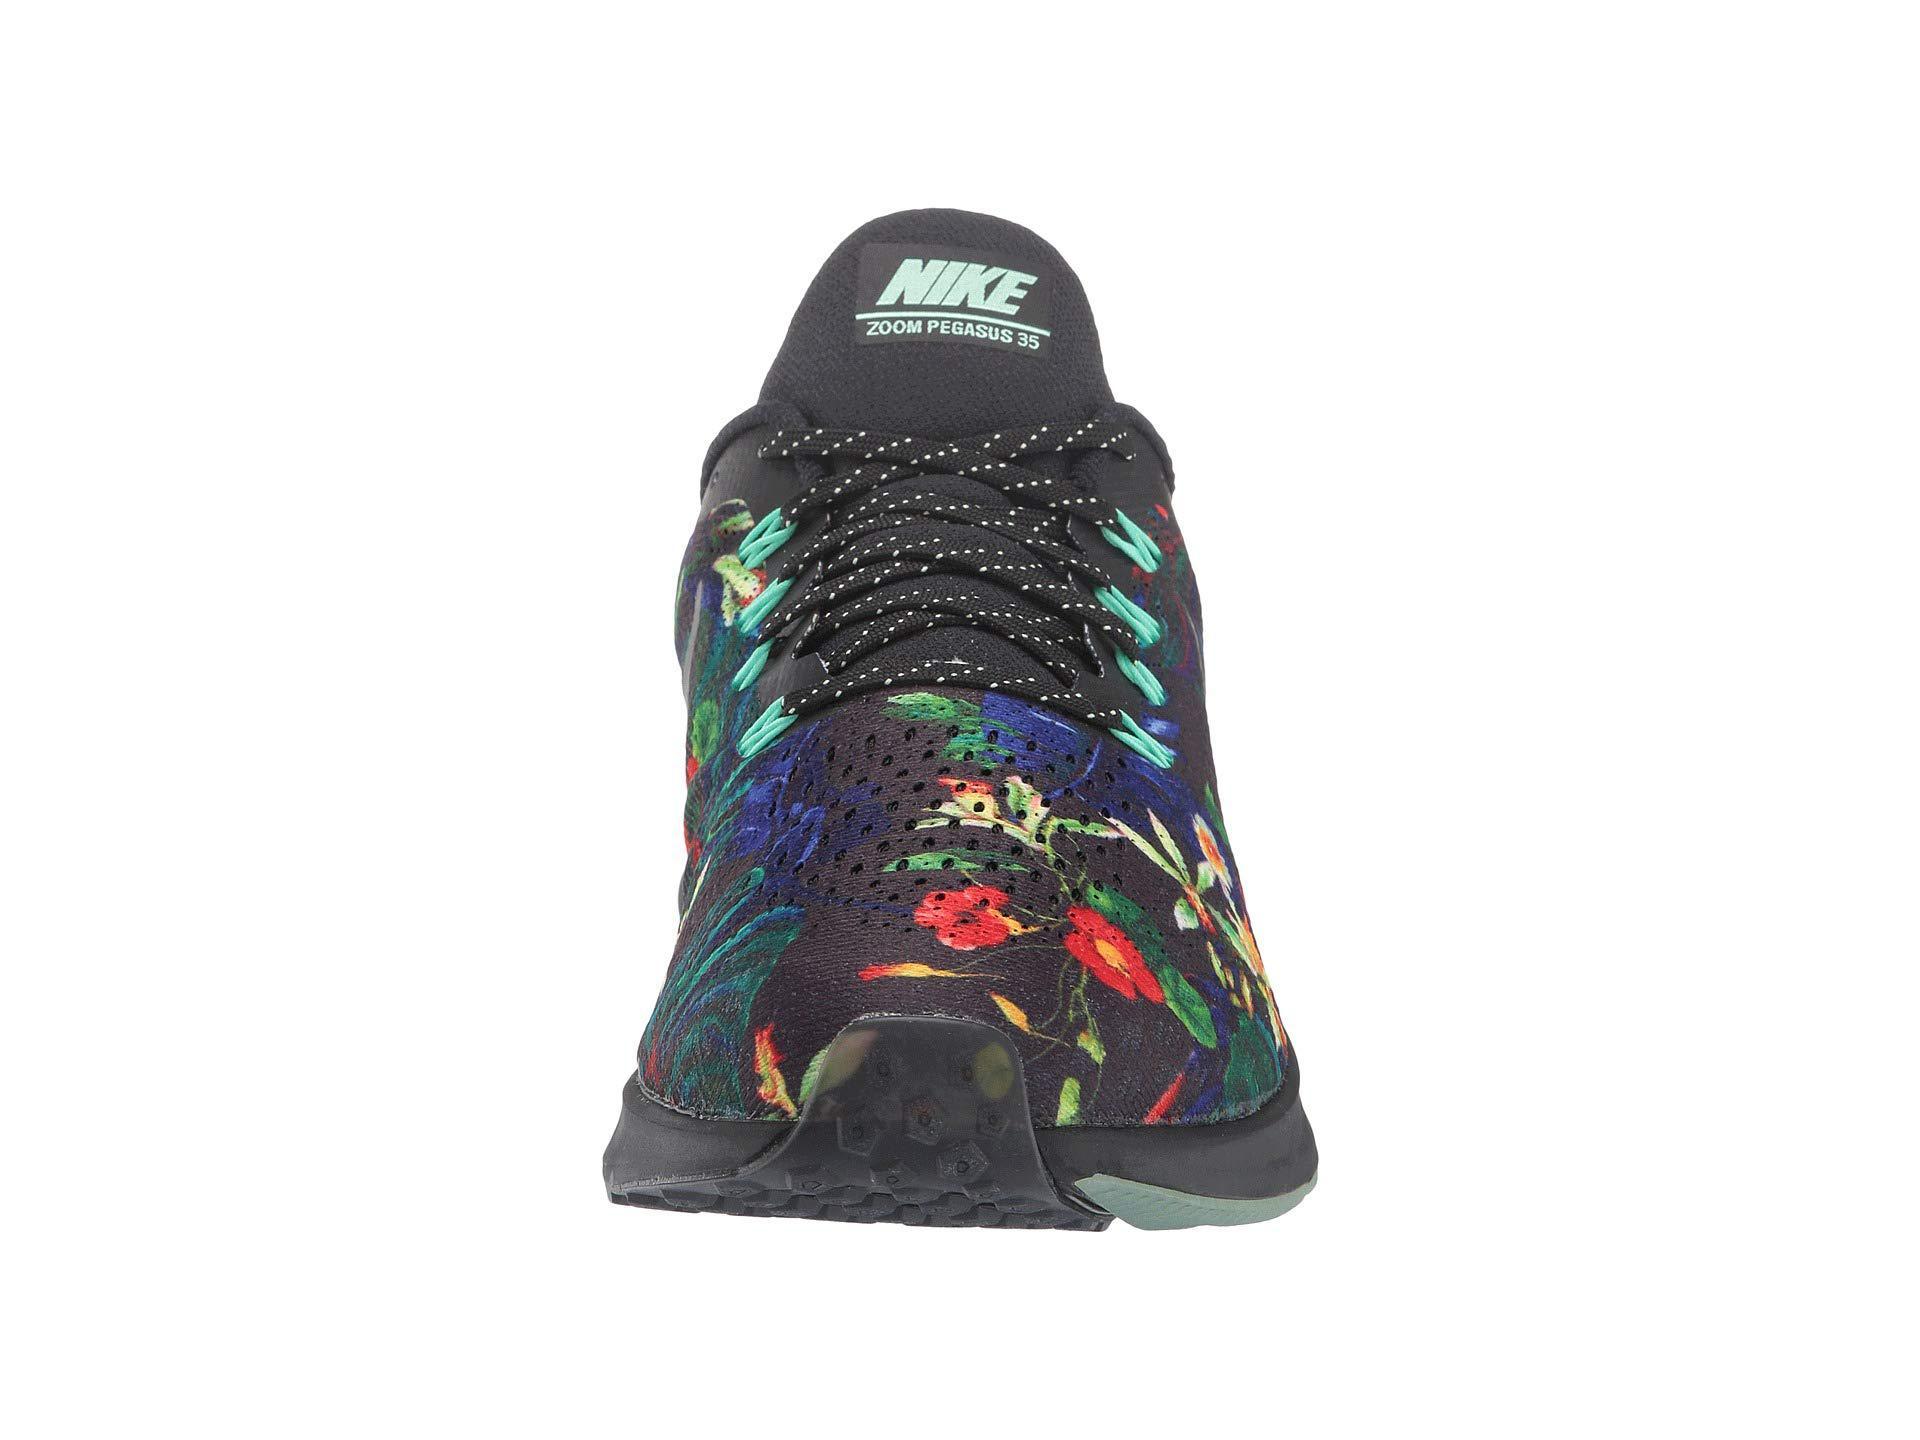 7ee1e3f09b62 Lyst - Nike Air Zoom Pegasus 35 Gpx Rs (black black green Glow ...